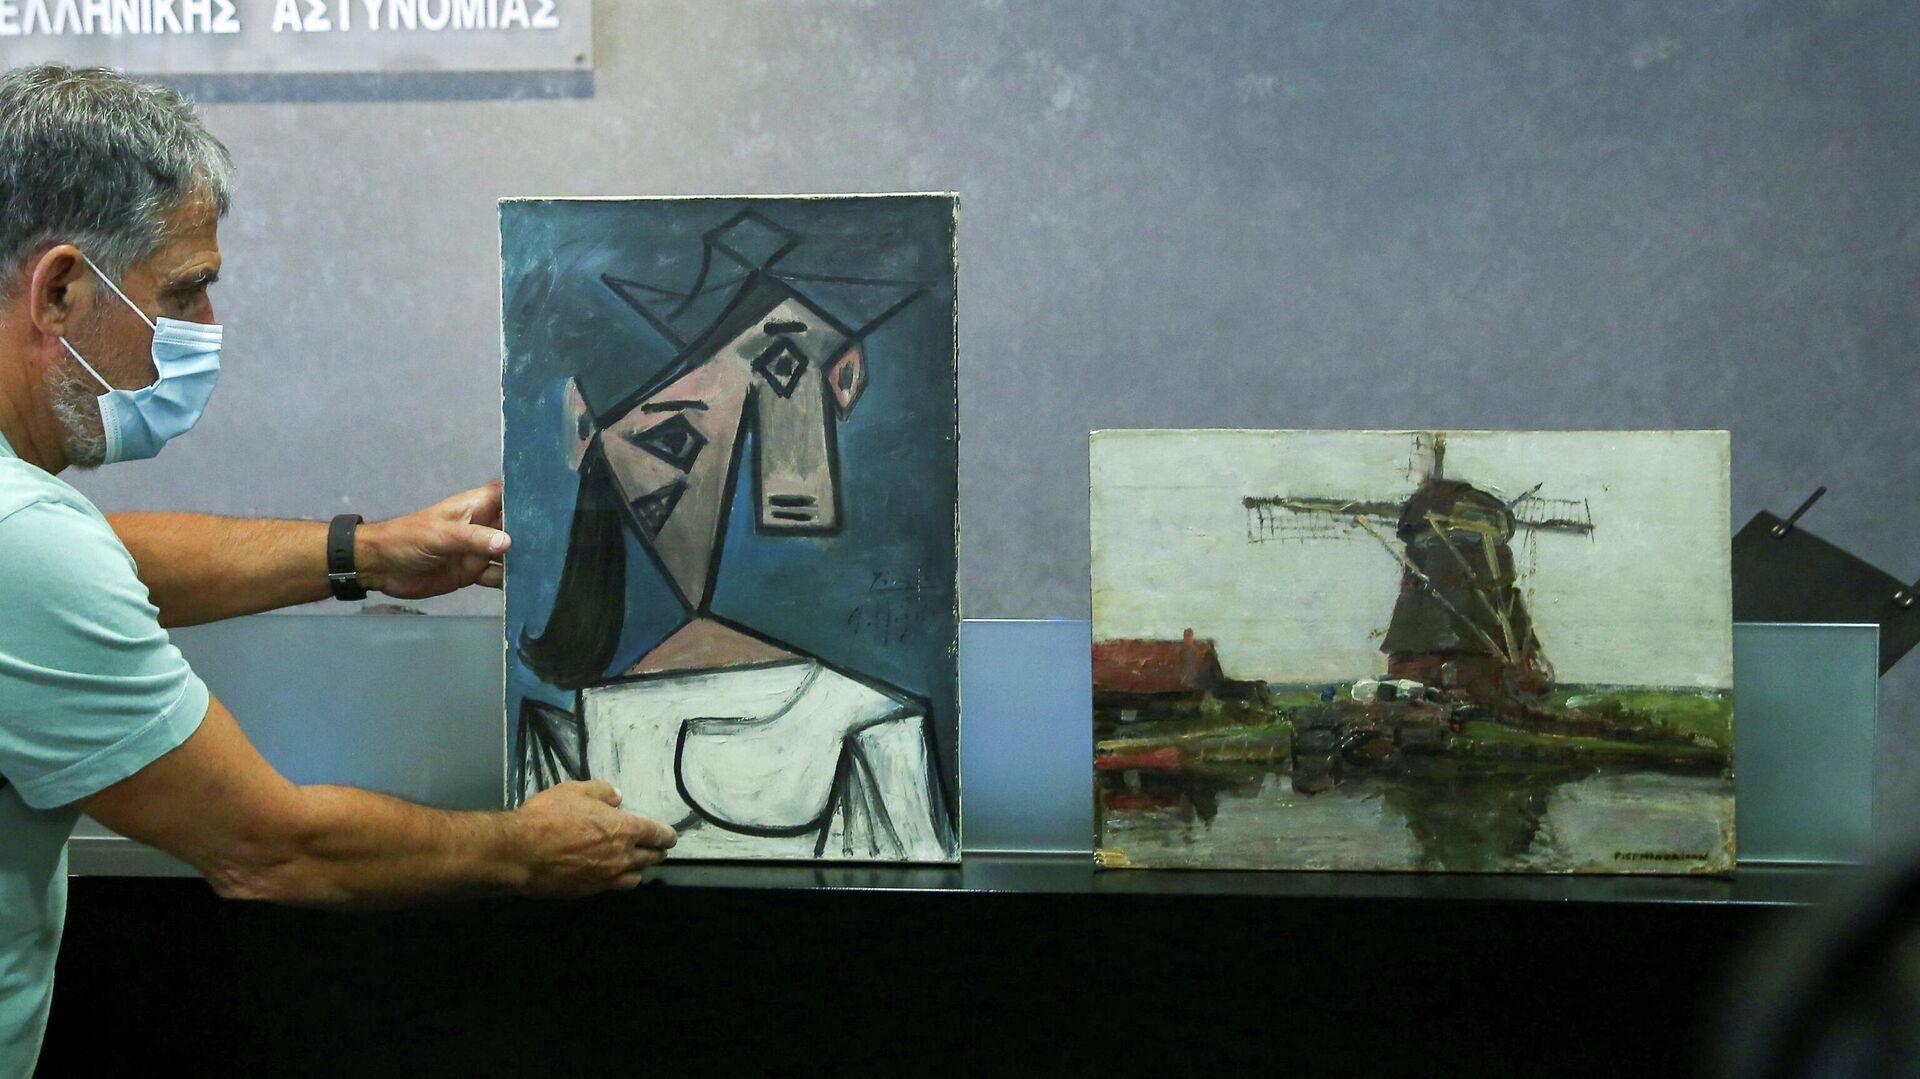 Obras de Picasso y Mondrian robadas hace nueve años de la Galería Nacional de Grecia (Atenas) - Sputnik Mundo, 1920, 29.06.2021